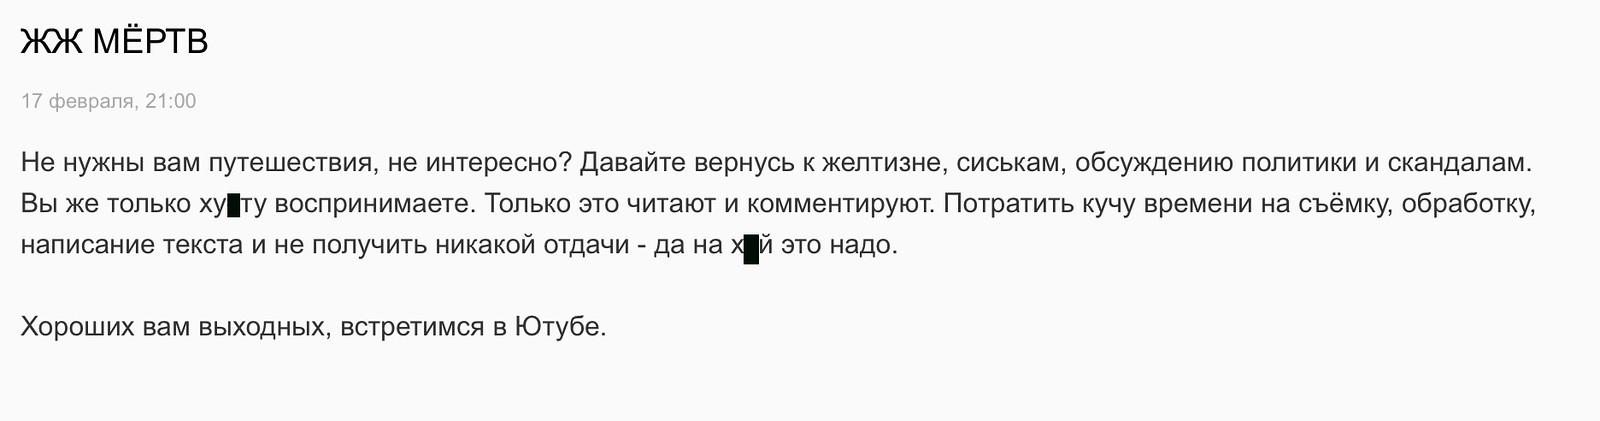 ЖЖмертвМакос.jpg